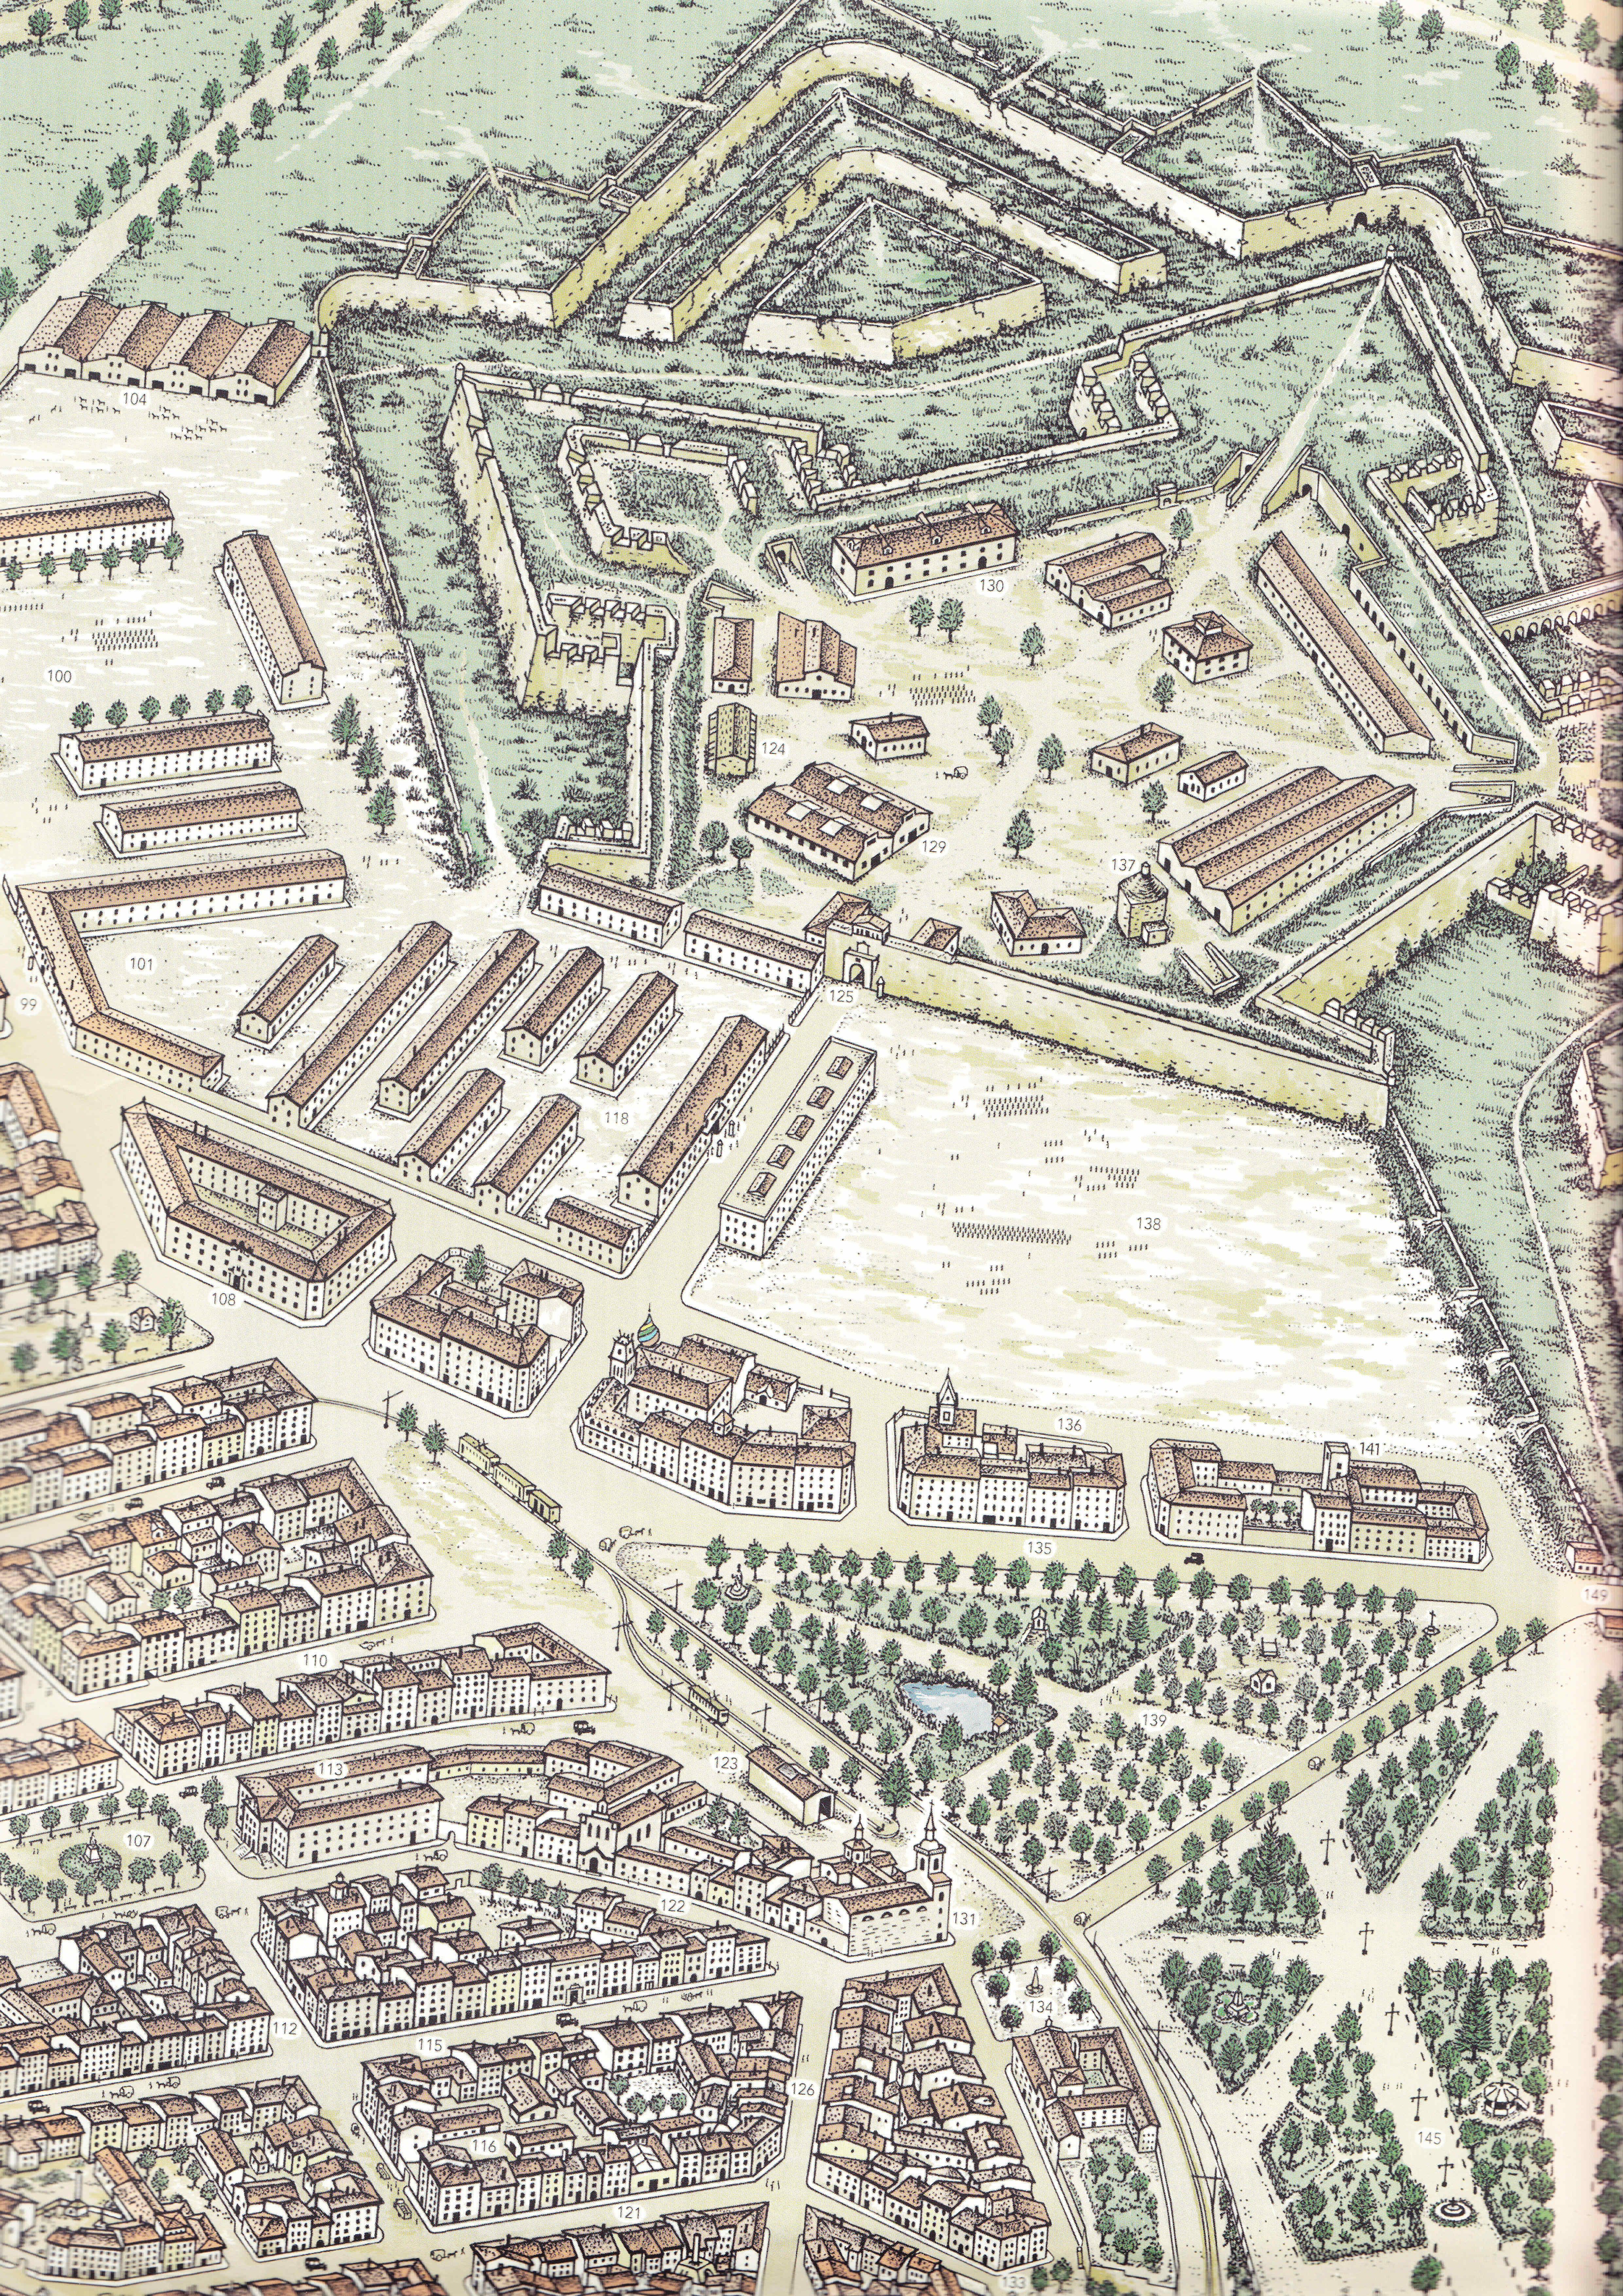 Pamplona 1900 Calle del General Chinchilla